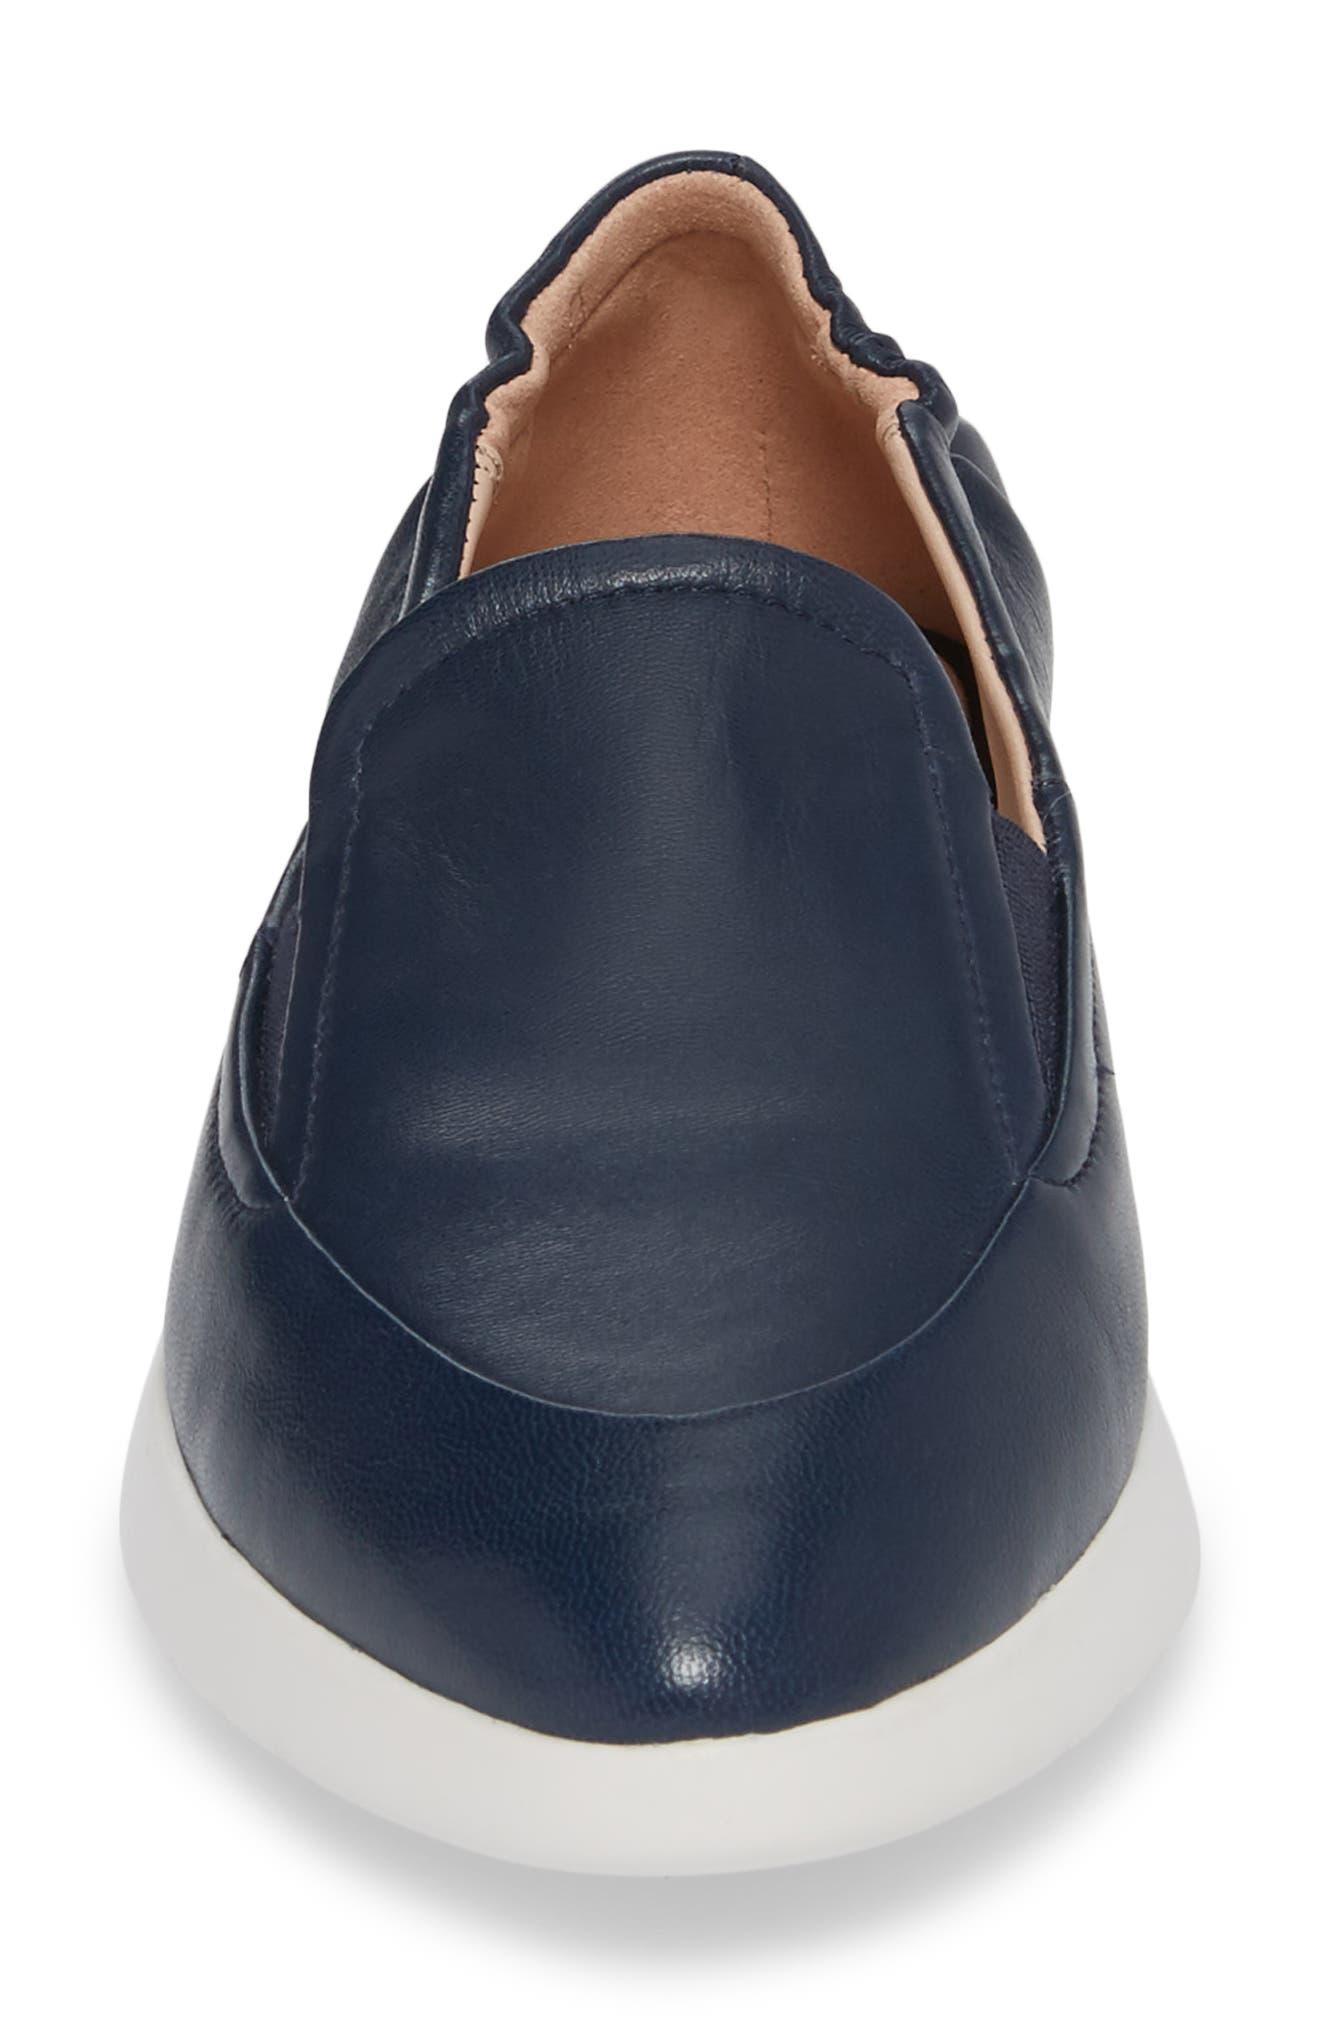 Dana Loafer Sneaker,                             Alternate thumbnail 4, color,                             Navy Leather